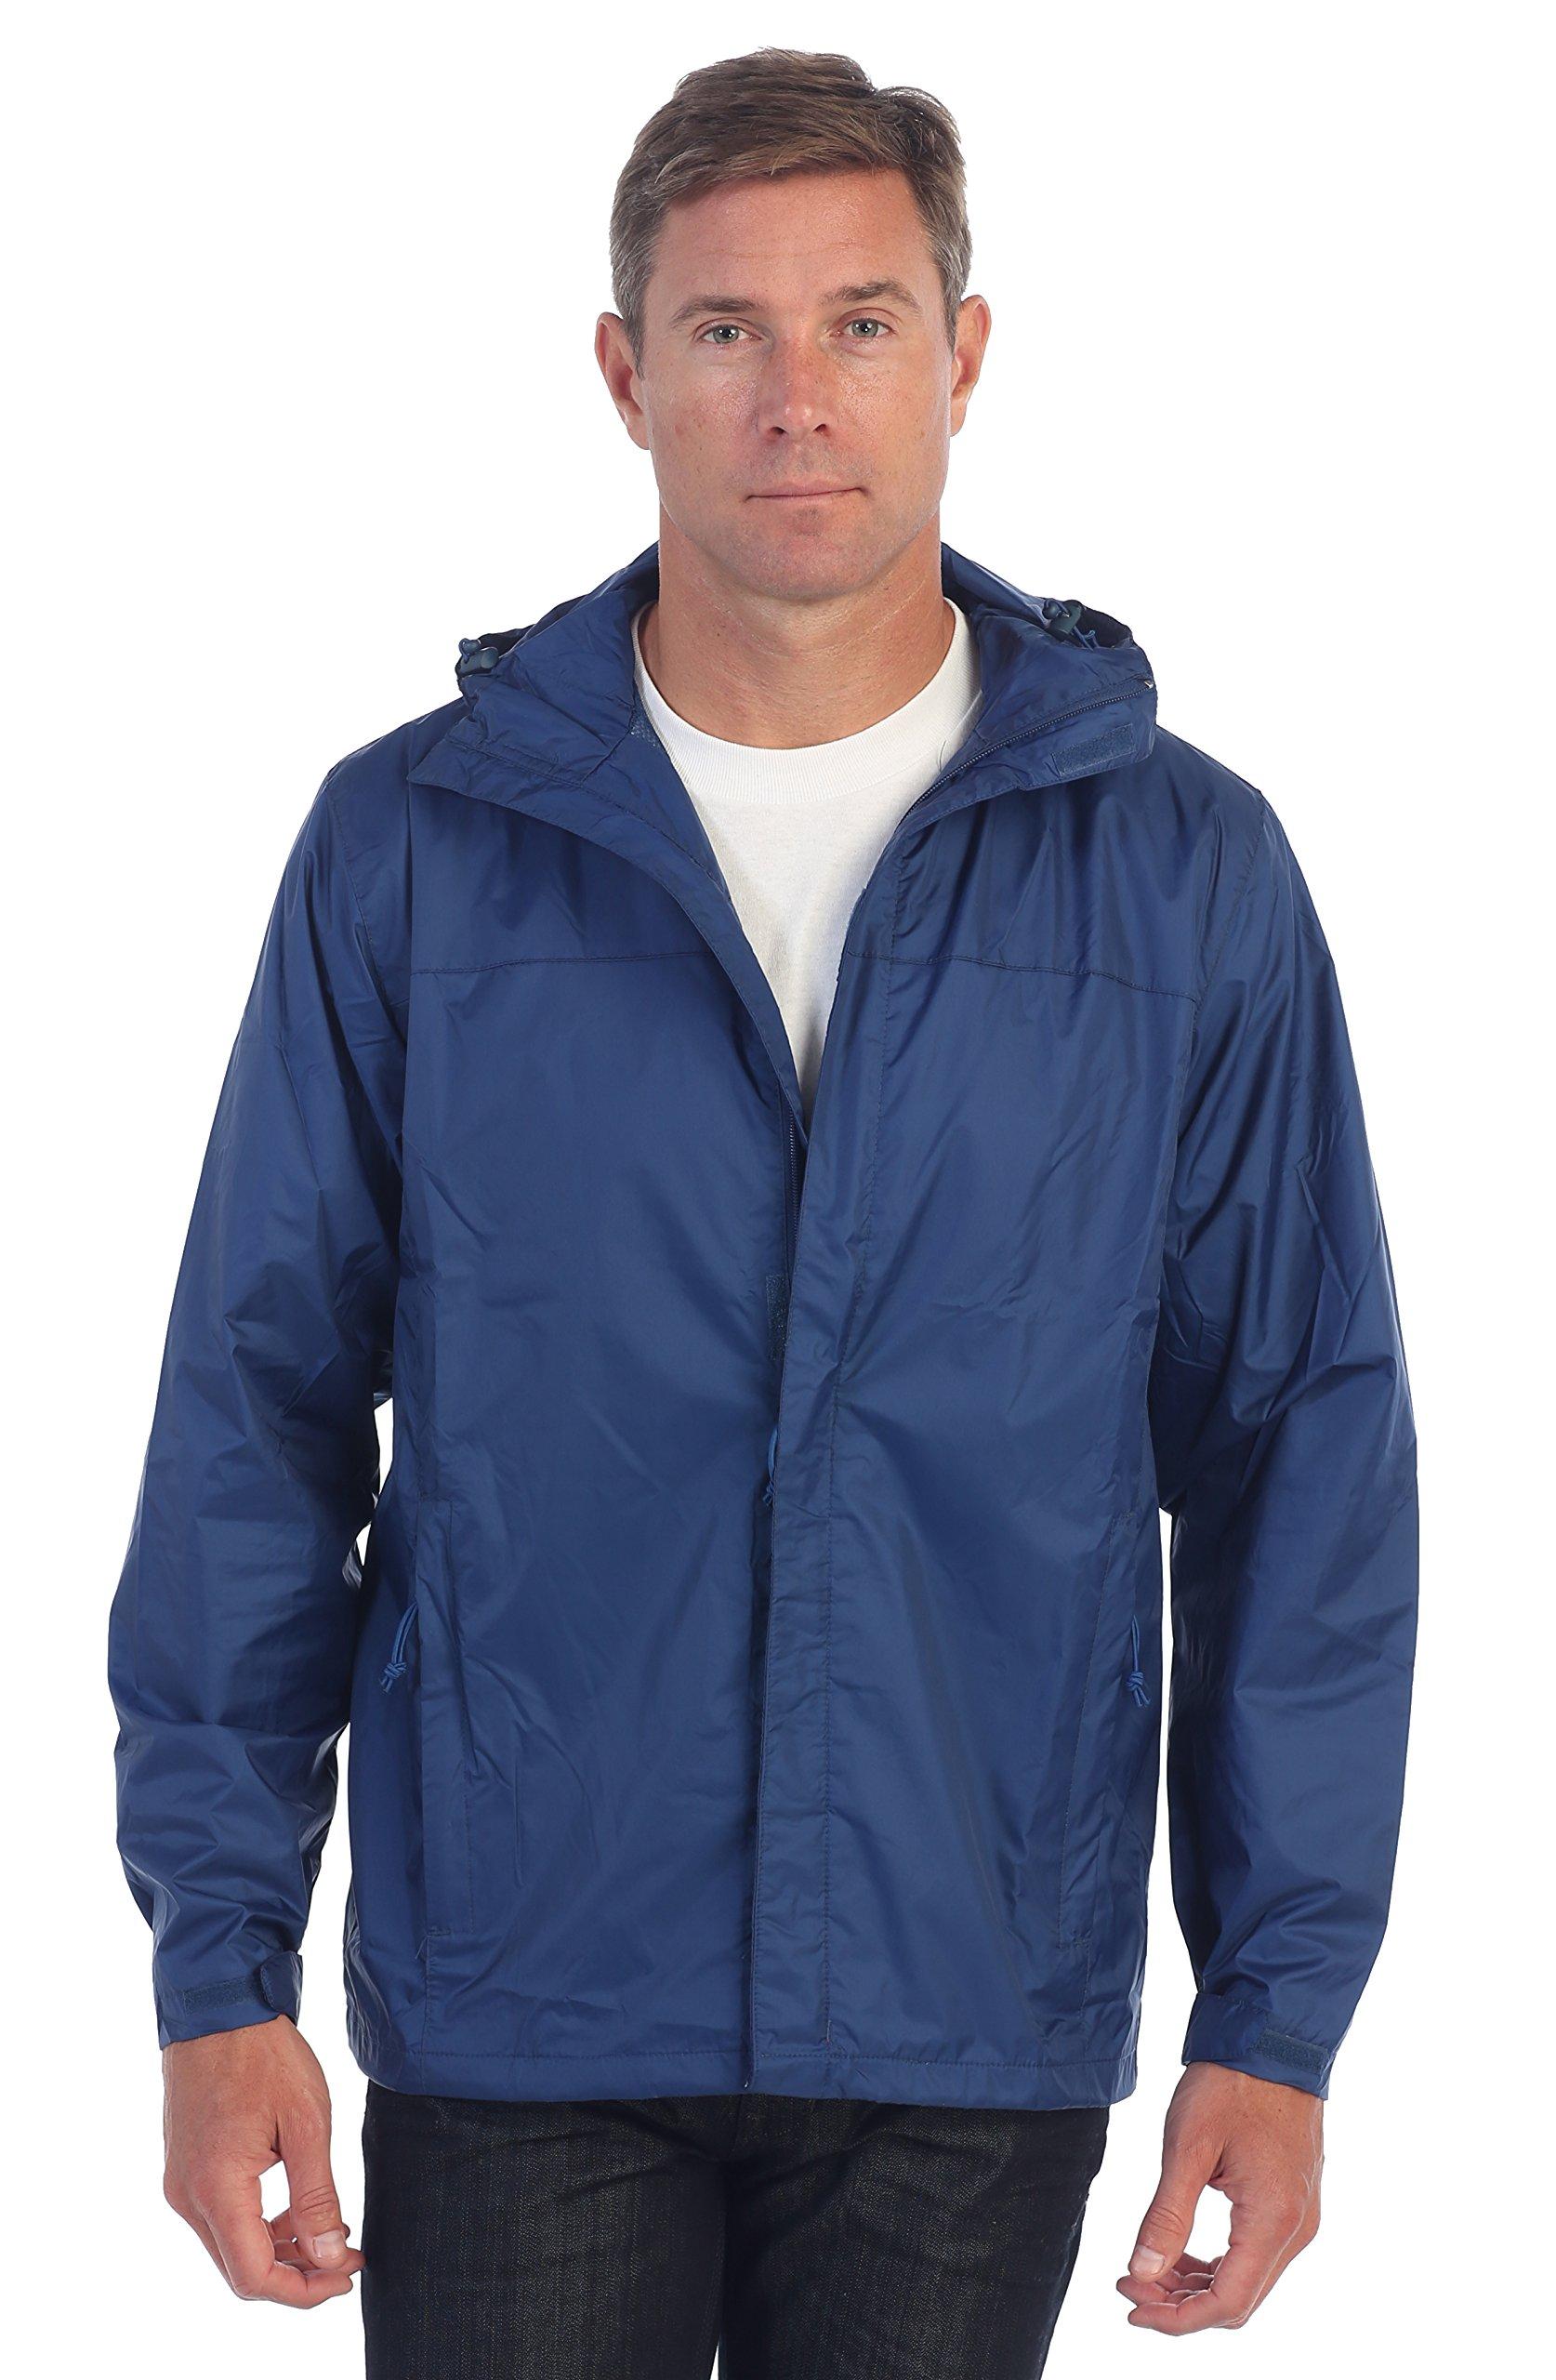 Gioberti Men's Waterproof Rain Jacket, Navy, M by Gioberti